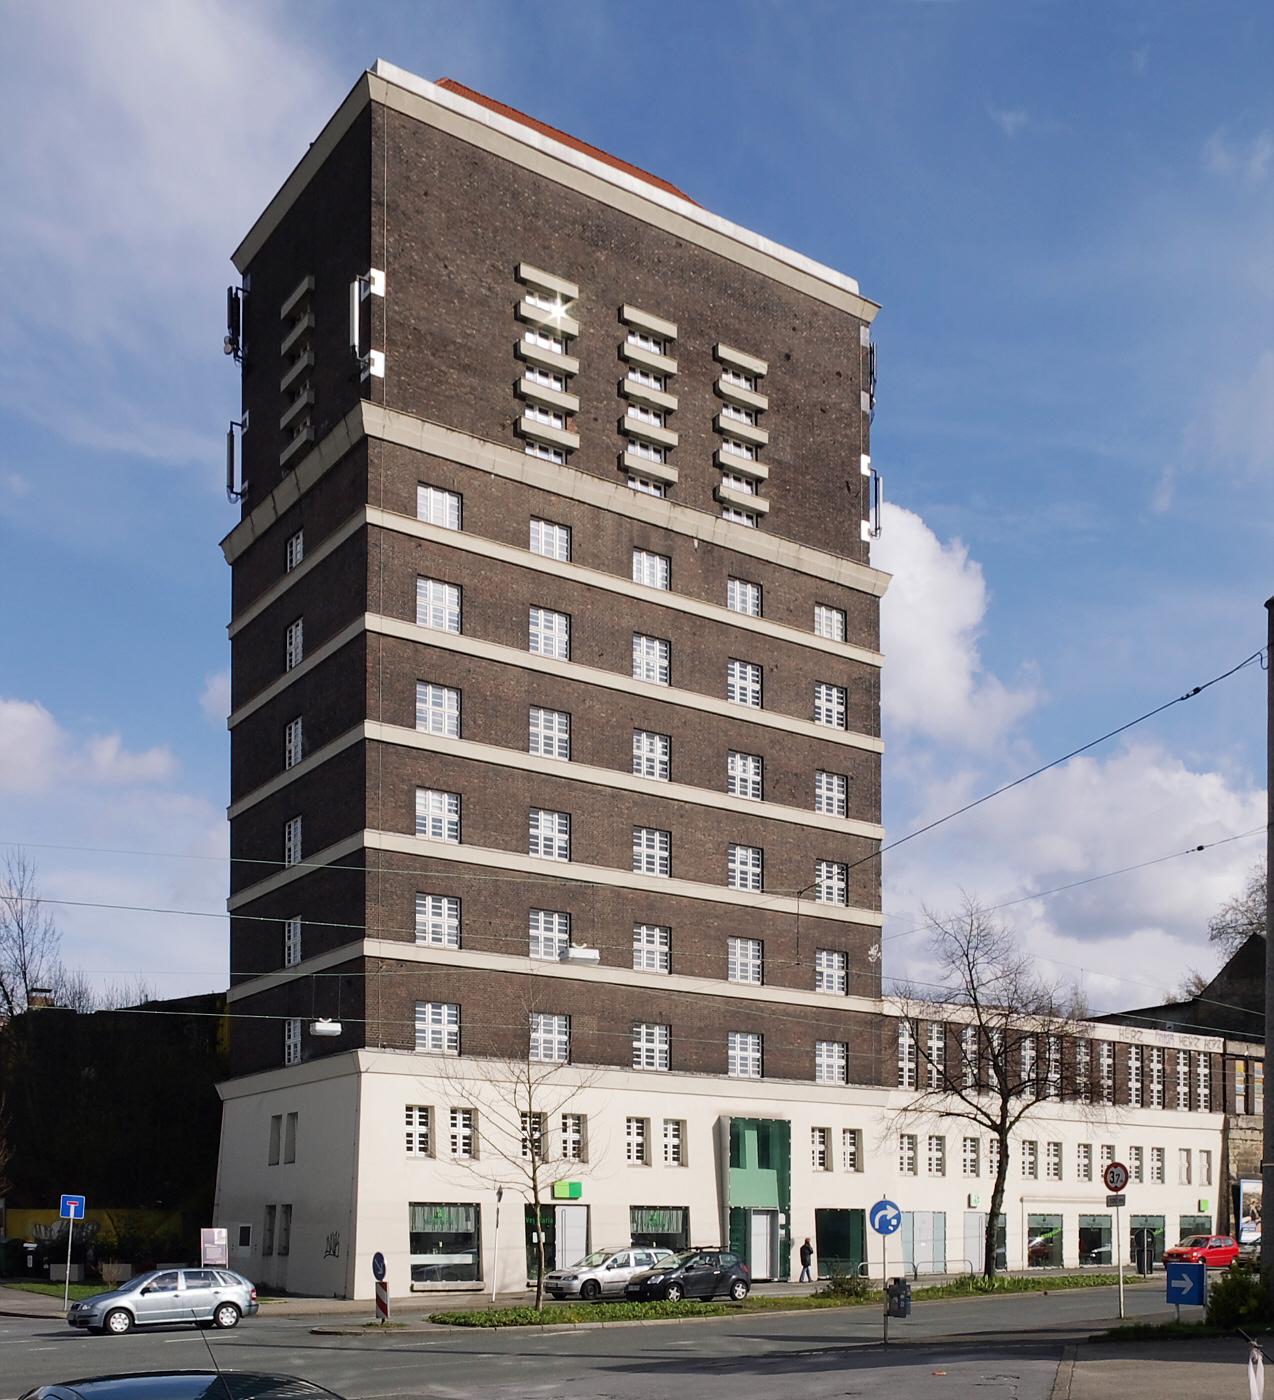 Damals Wasserspeicher, heute Bürohochhaus: Der Wasserturm in Dortmund (Bild: Rainer Knäpper, Free Art License (http://artlibre.org/licence/lal/en/)